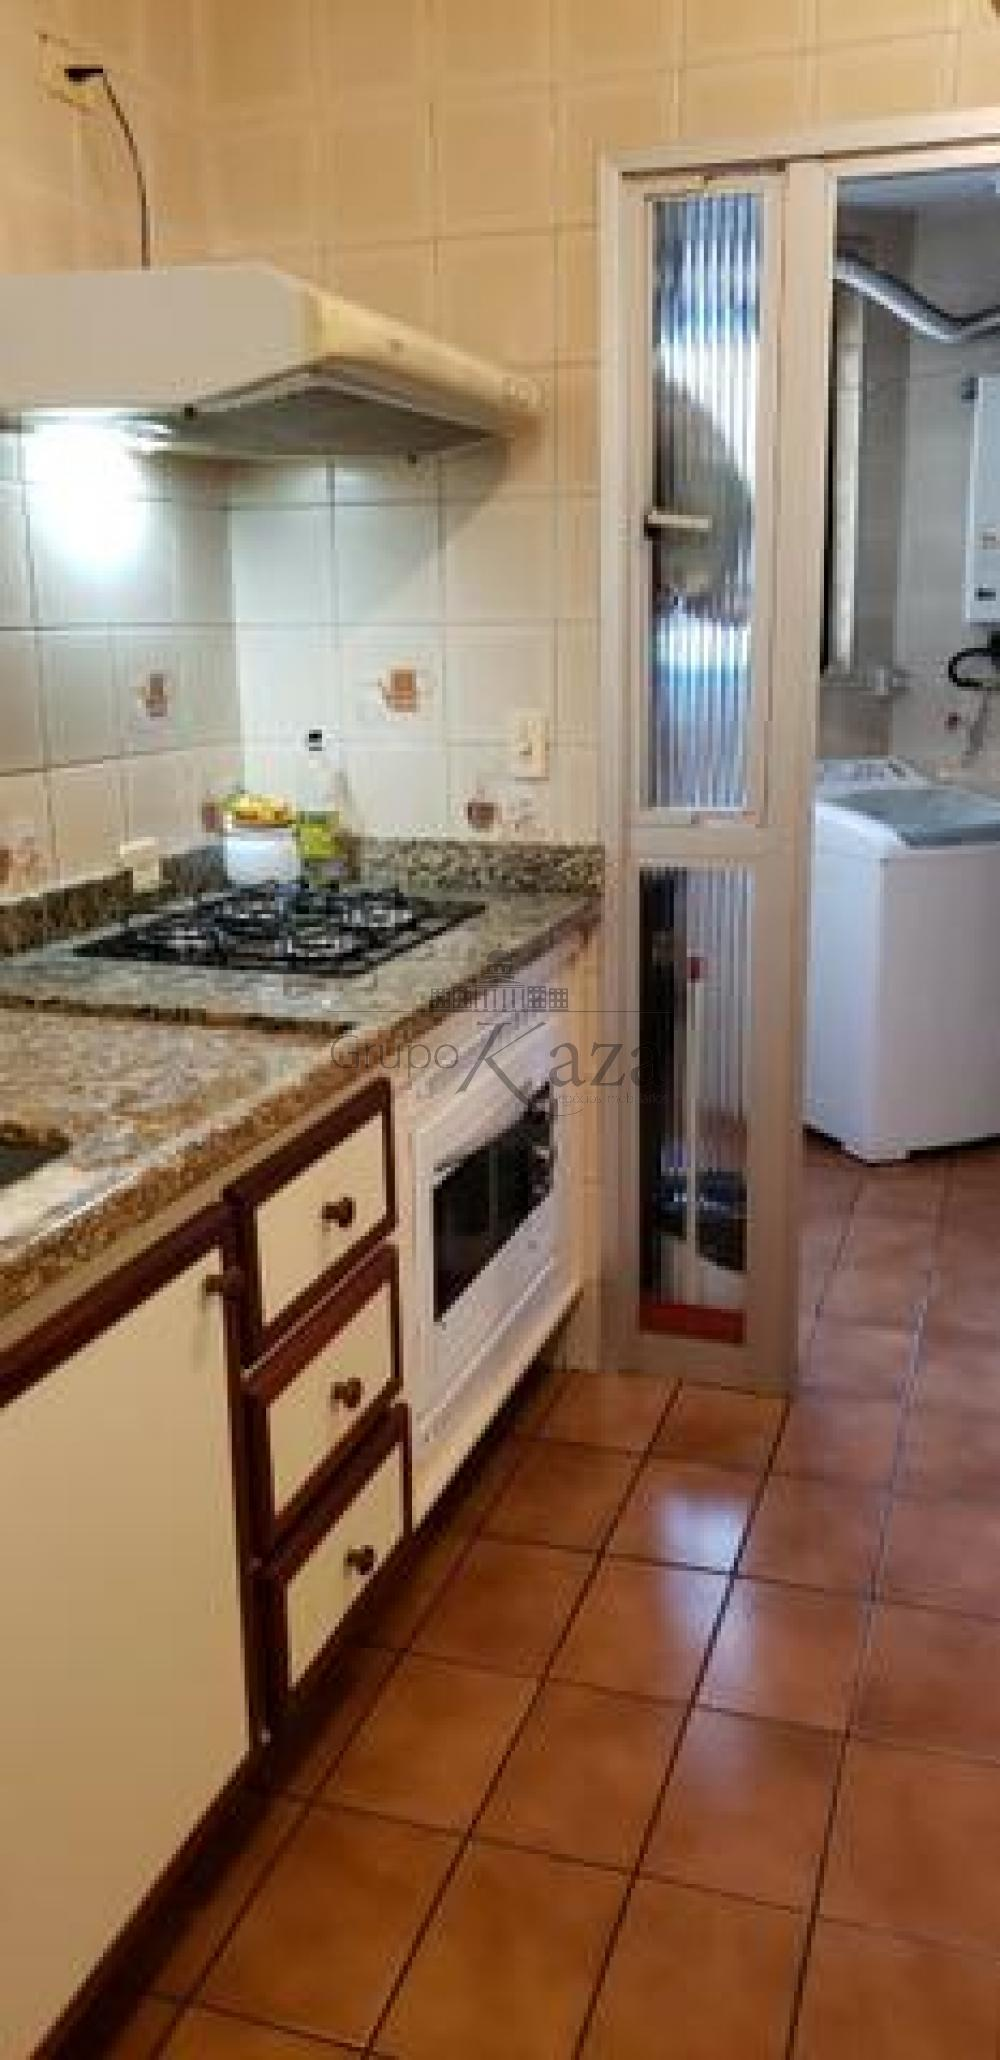 alt='Comprar Apartamento / Padrão em São José dos Campos R$ 530.000,00 - Foto 3' title='Comprar Apartamento / Padrão em São José dos Campos R$ 530.000,00 - Foto 3'